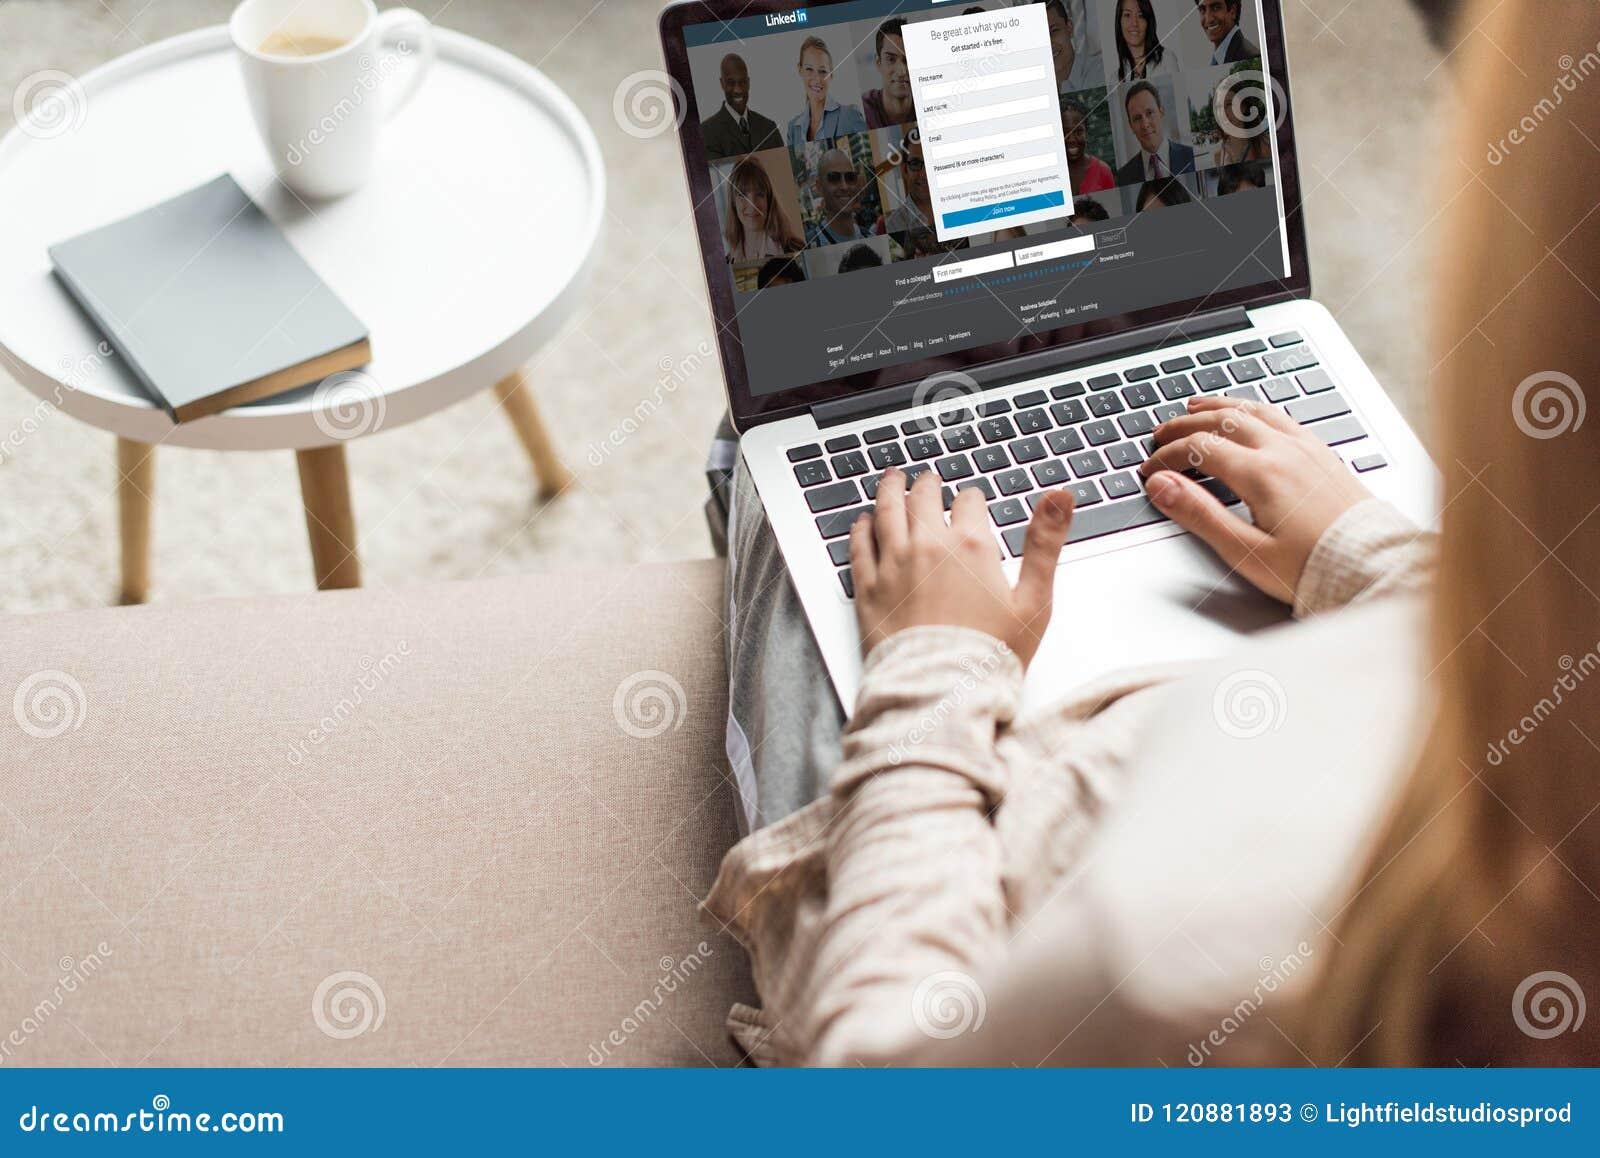 Tiro cosechado de la mujer en casa que se sienta en el sofá y que usa el ordenador portátil con sitio web del linkedin